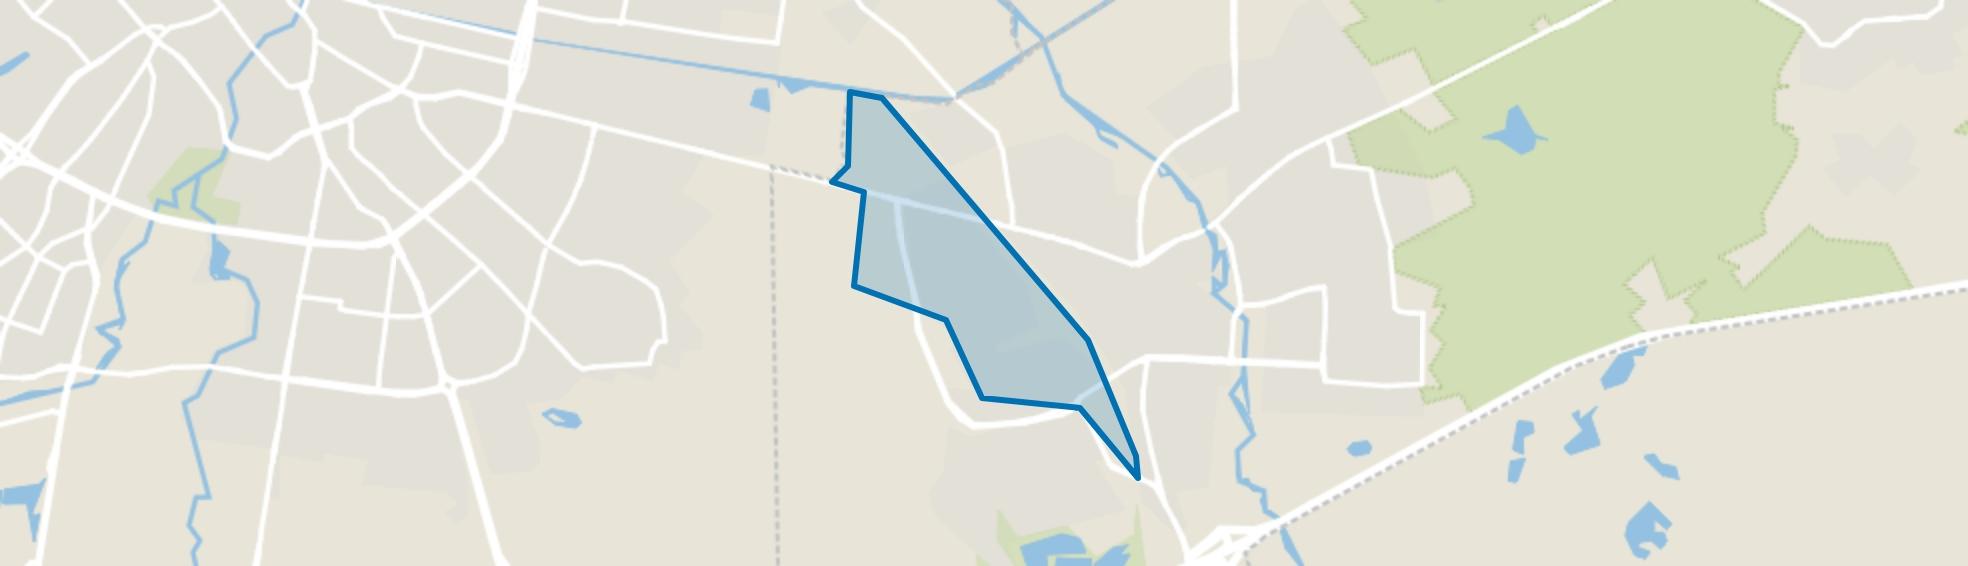 Zesgehuchten, Geldrop map